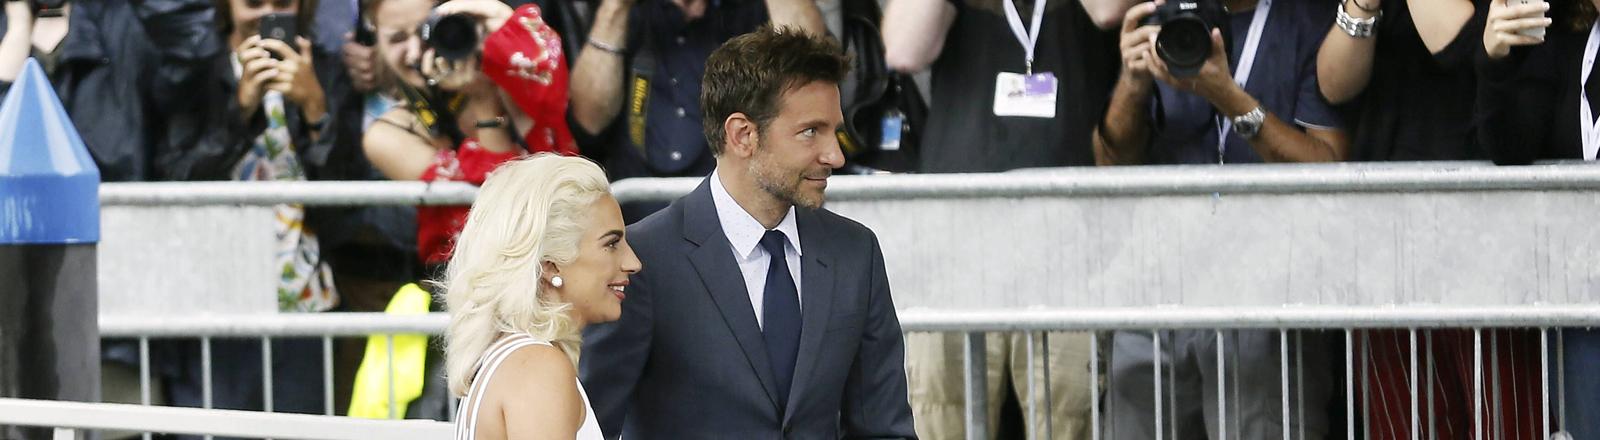 Lady Gaga und Bradley Cooper auf der 75. Biennale